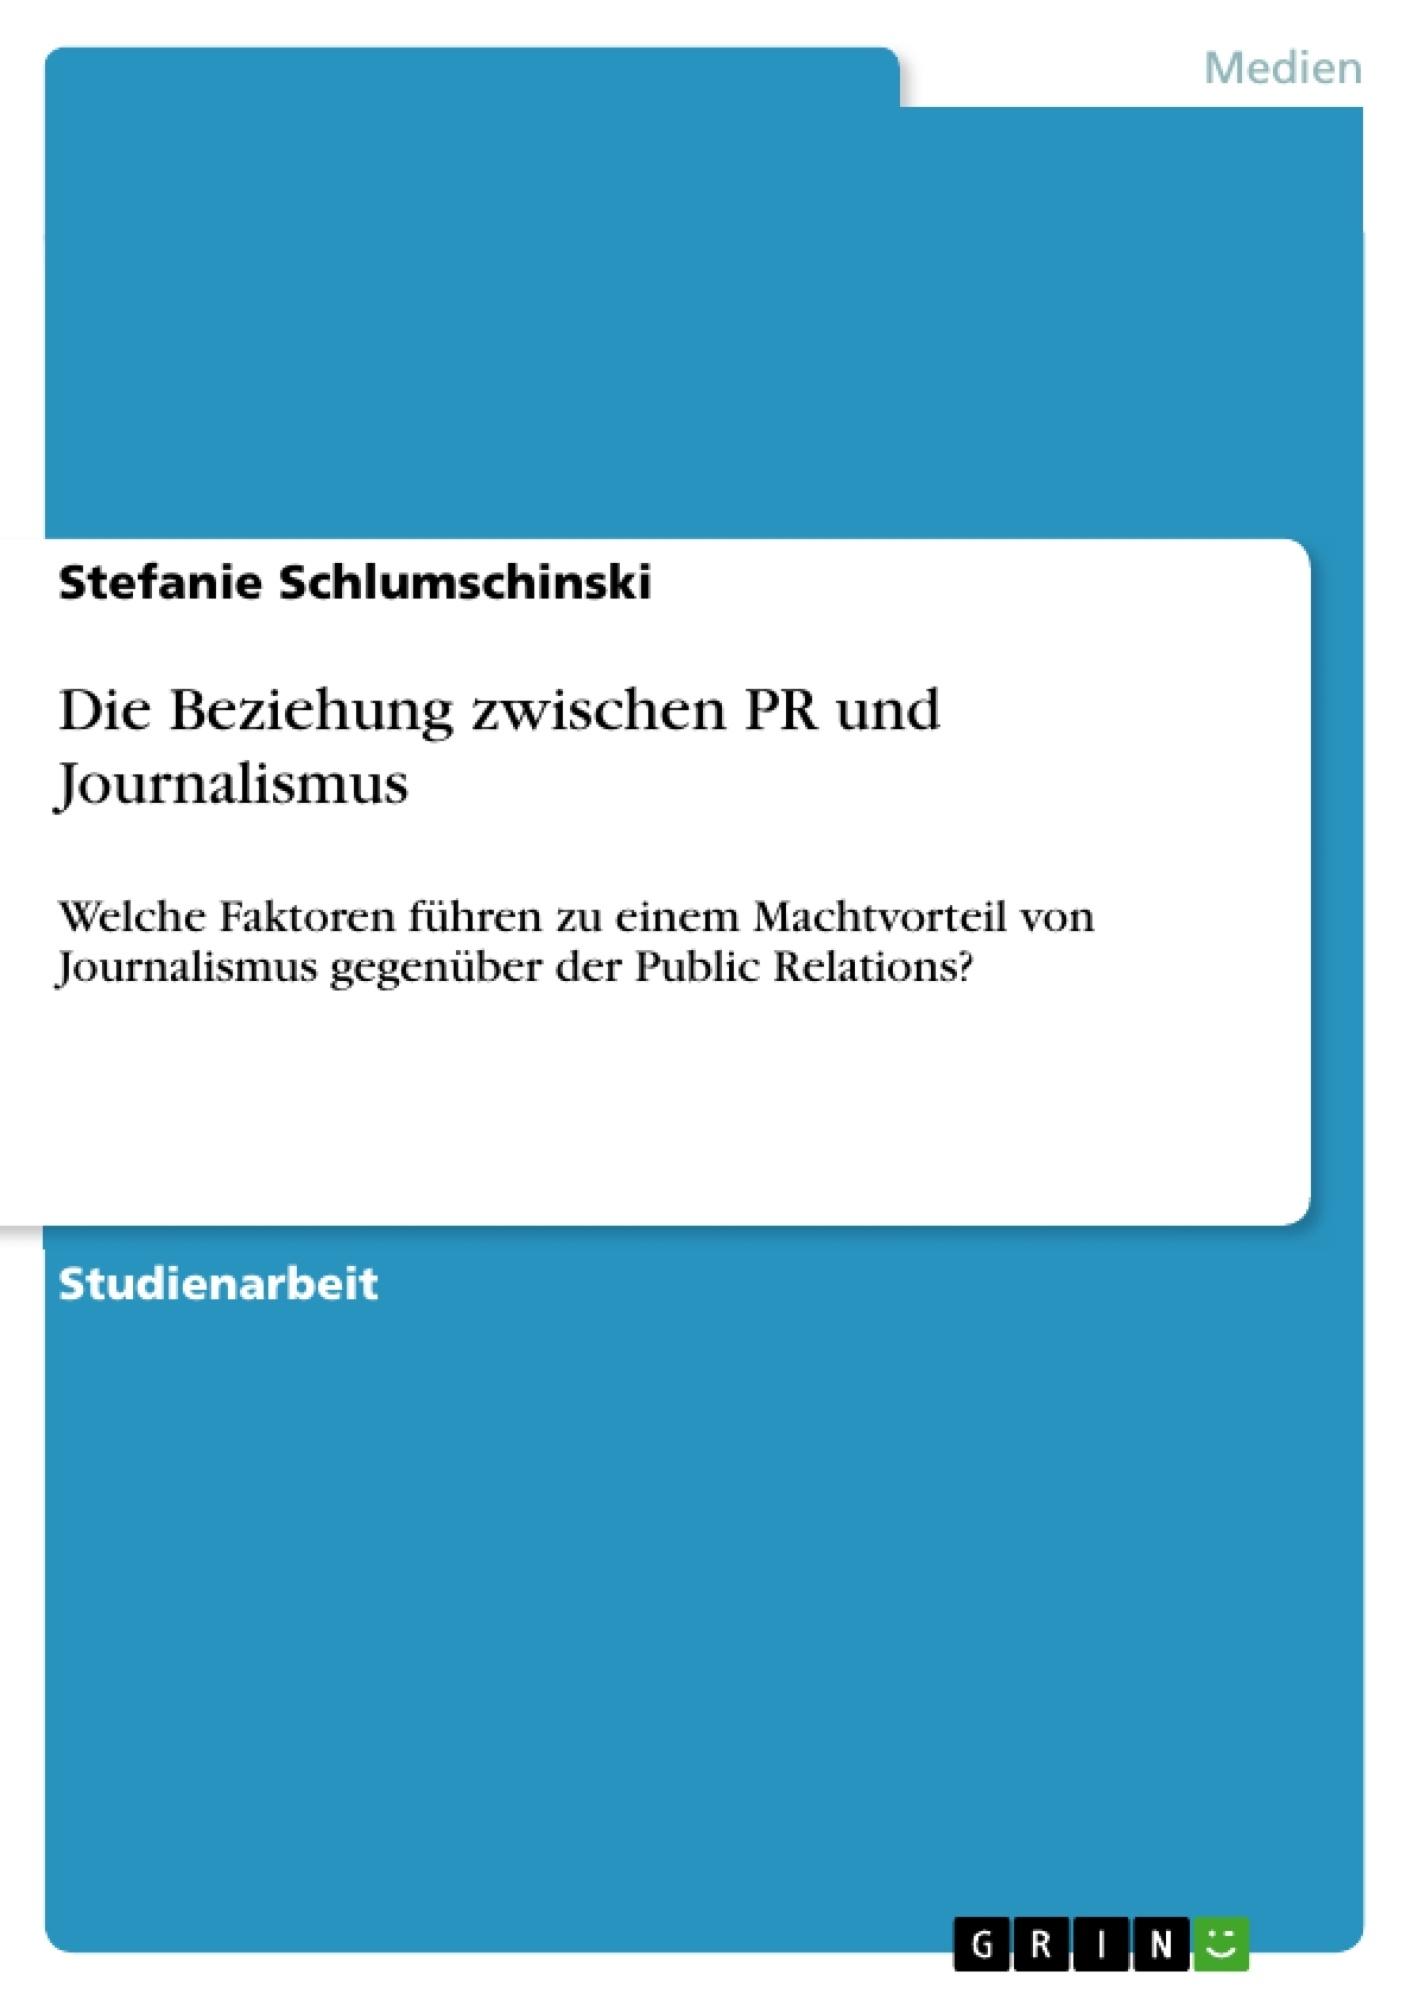 Titel: Die Beziehung zwischen PR und Journalismus